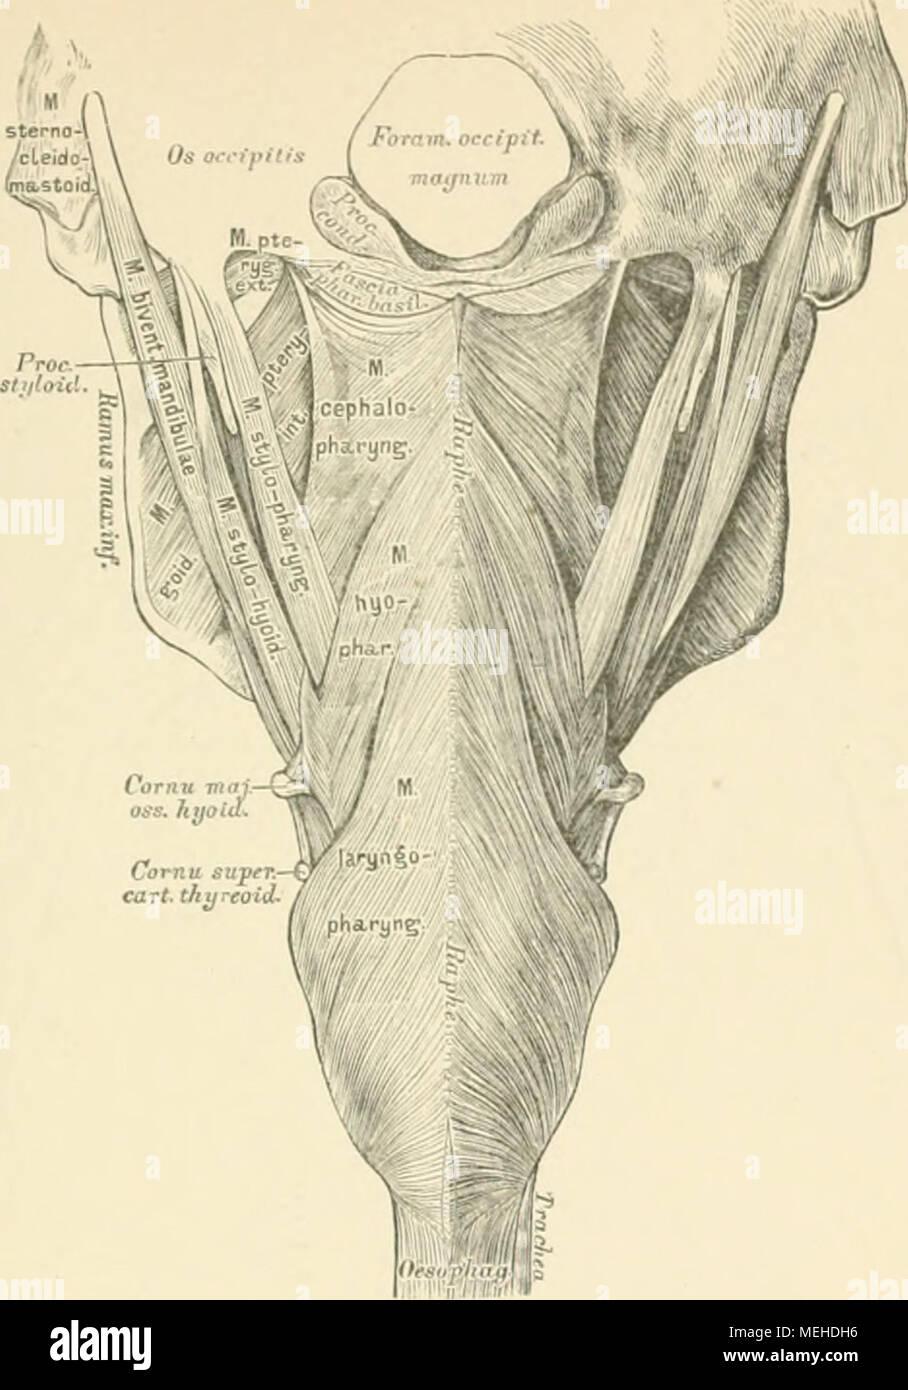 Beste Lungensystem Anatomie Fotos - Menschliche Anatomie Bilder ...